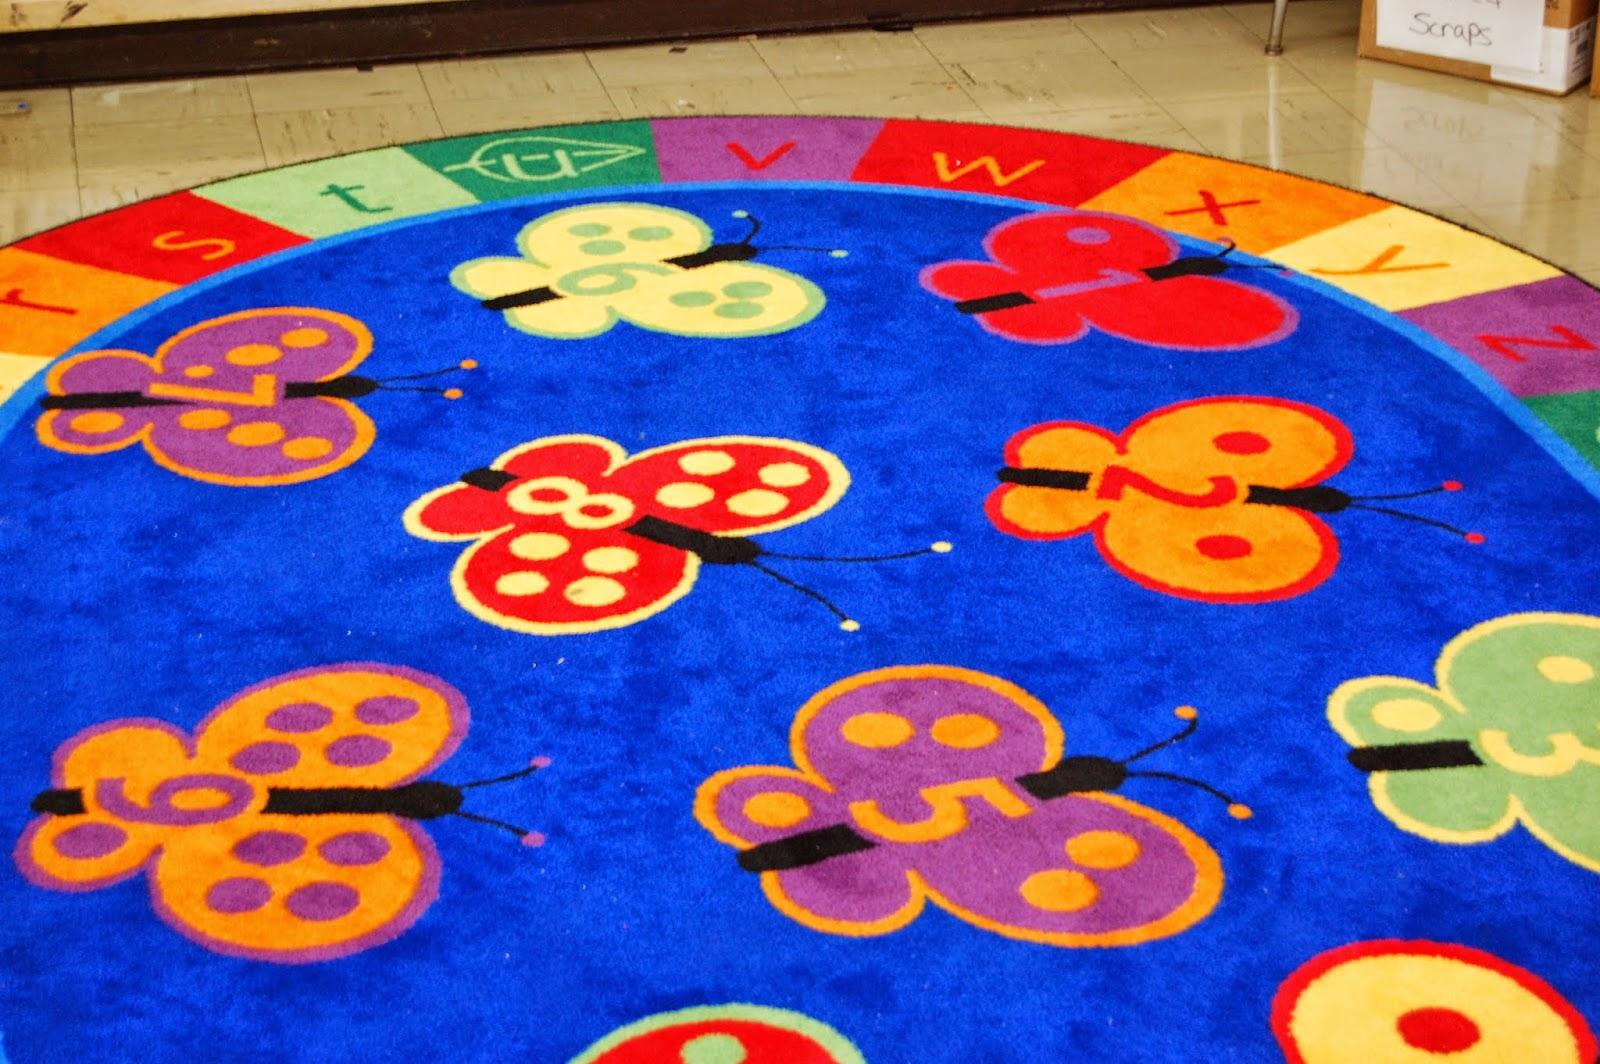 Ladybug rug at Kennedy School